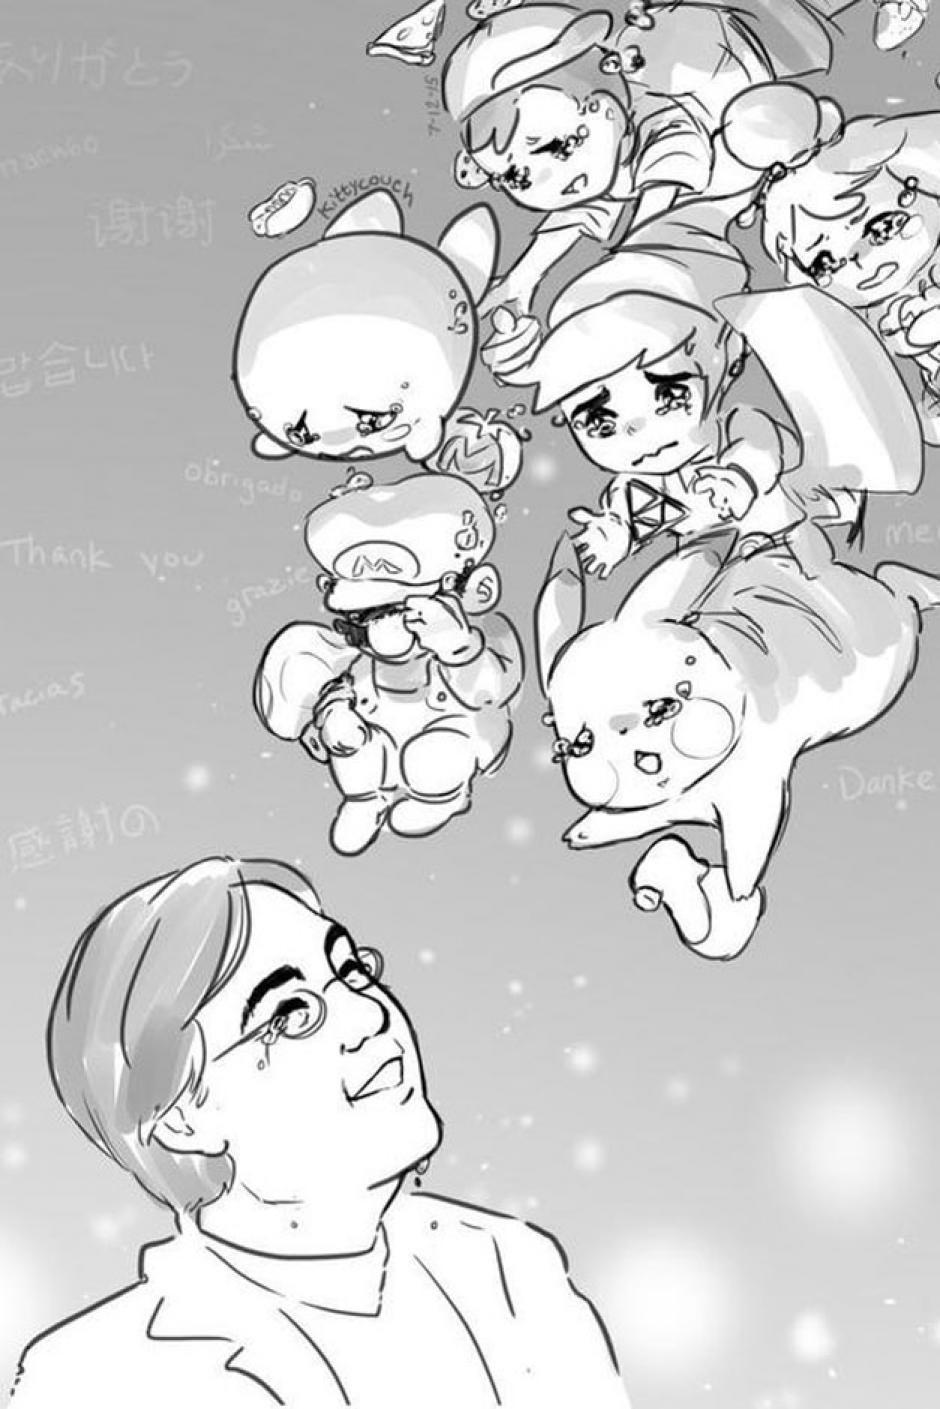 Una ilustración bastante emotiva que muestra a Iwata y los personajes más populares de los videojuegos de Nintendo